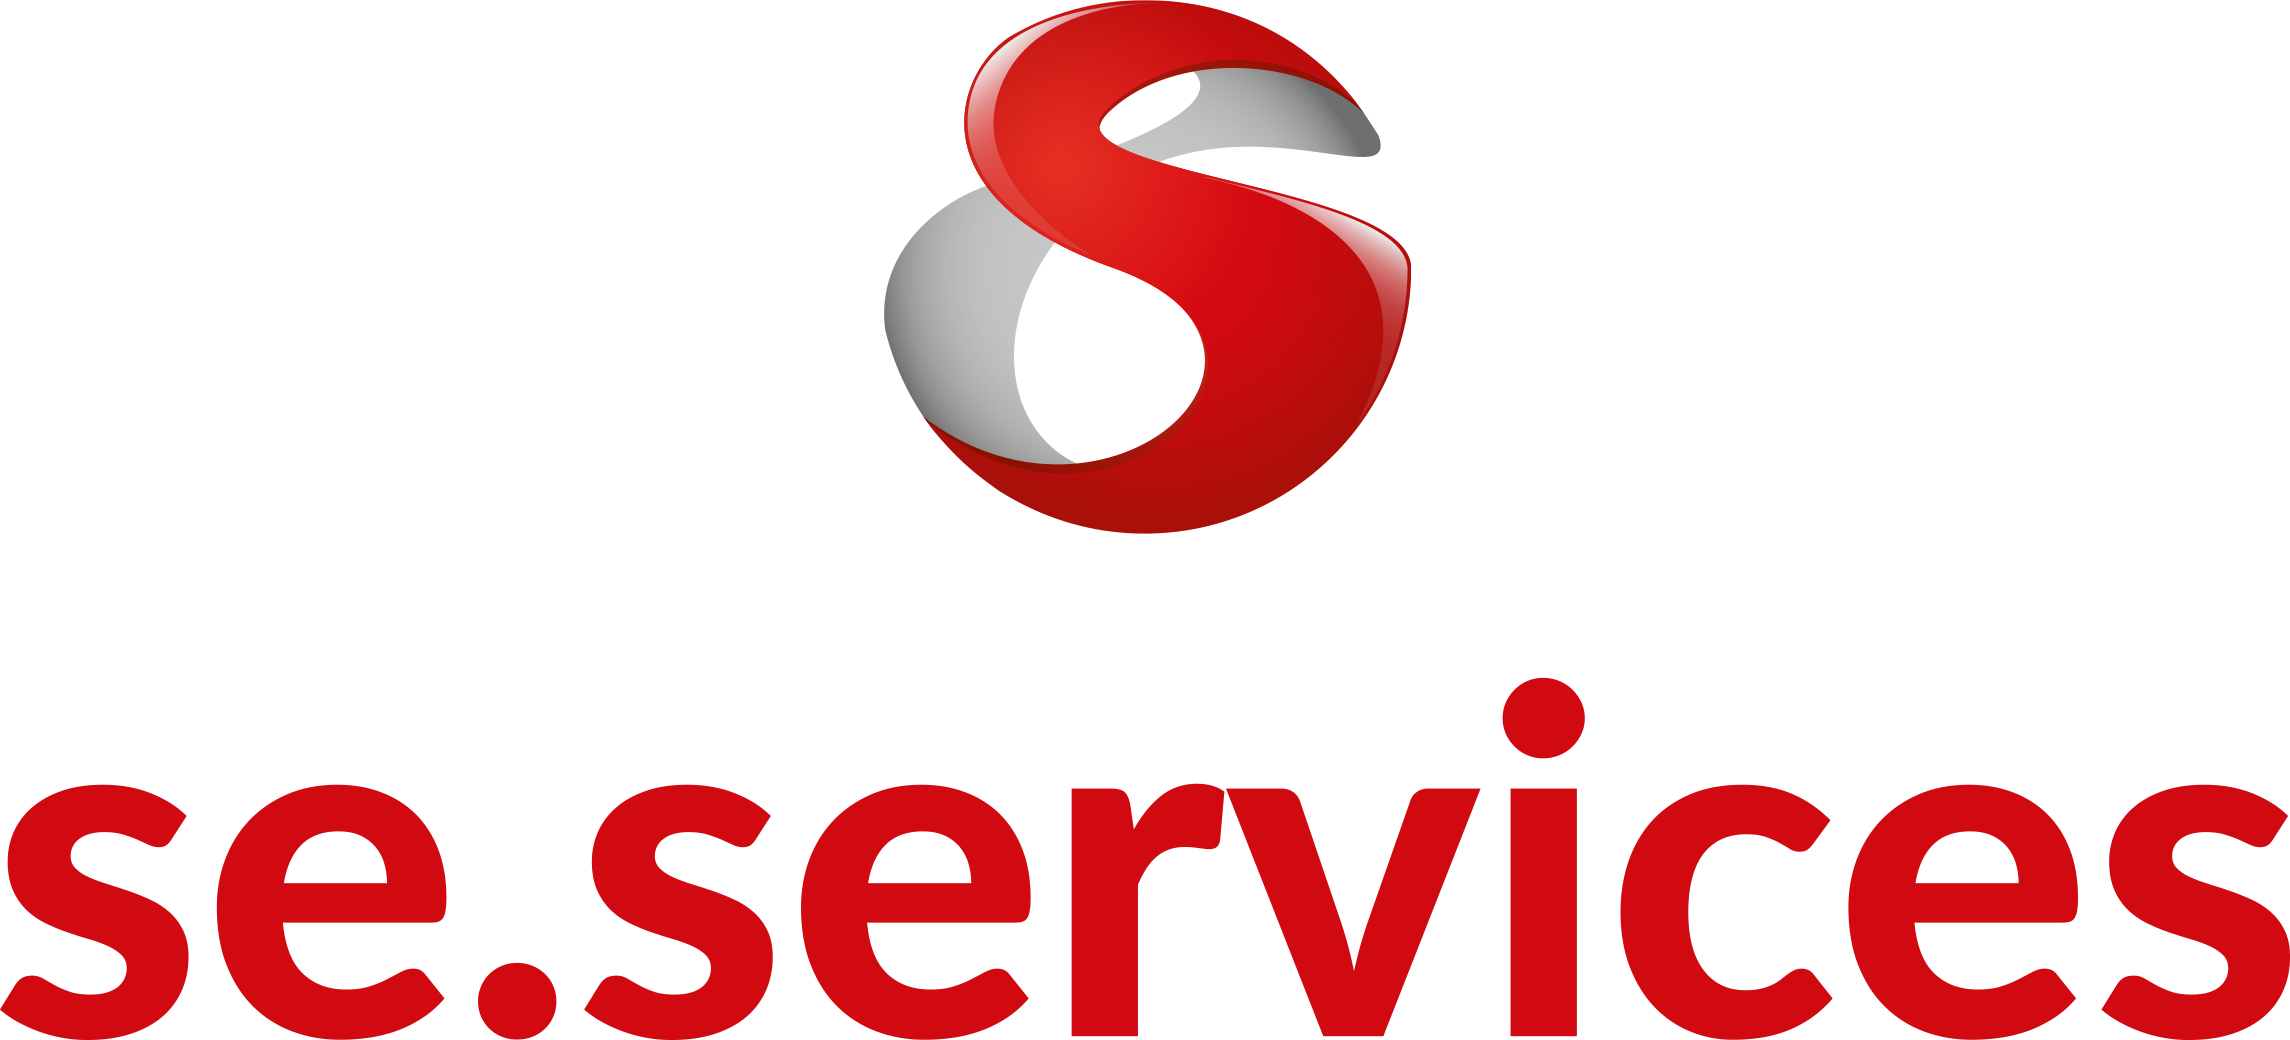 se.services